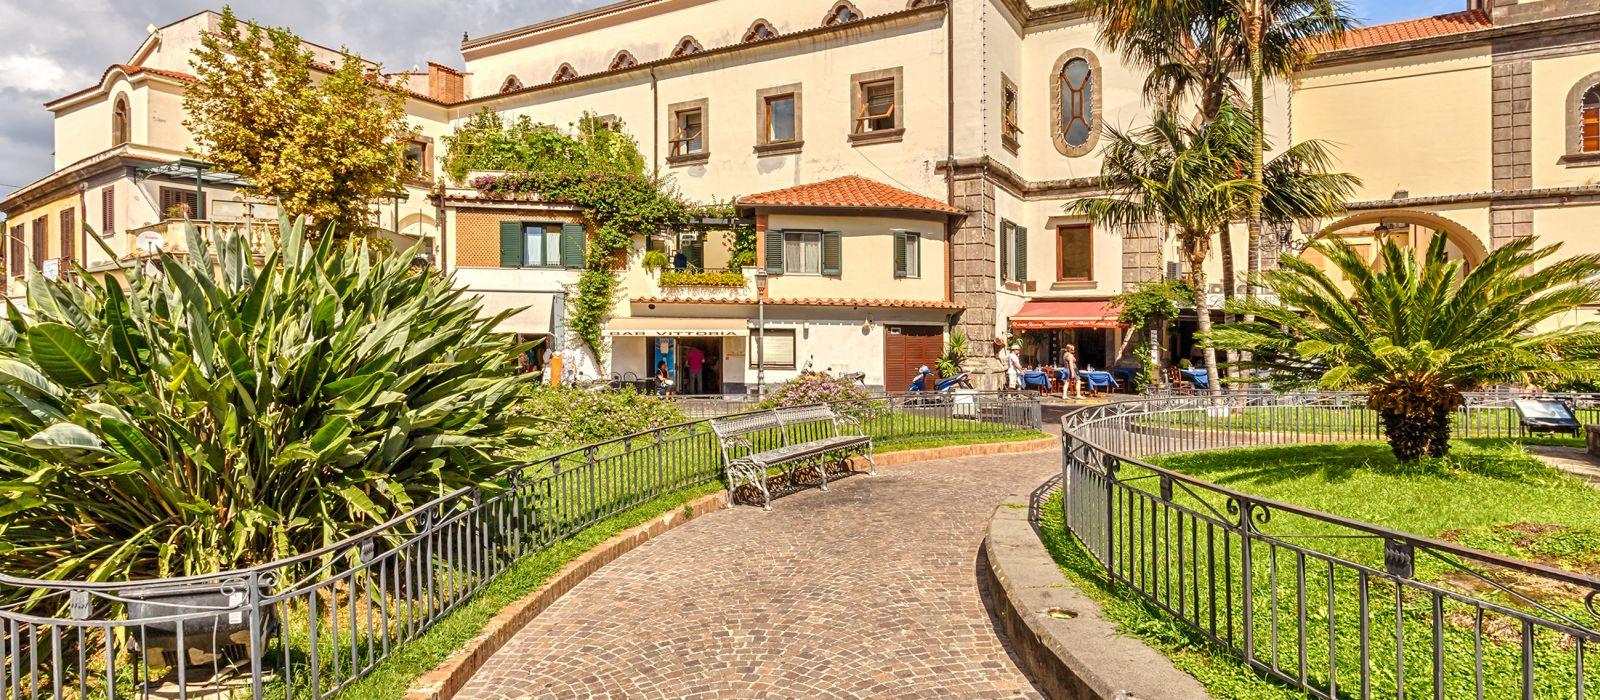 Reiseziel Sorrent Italien